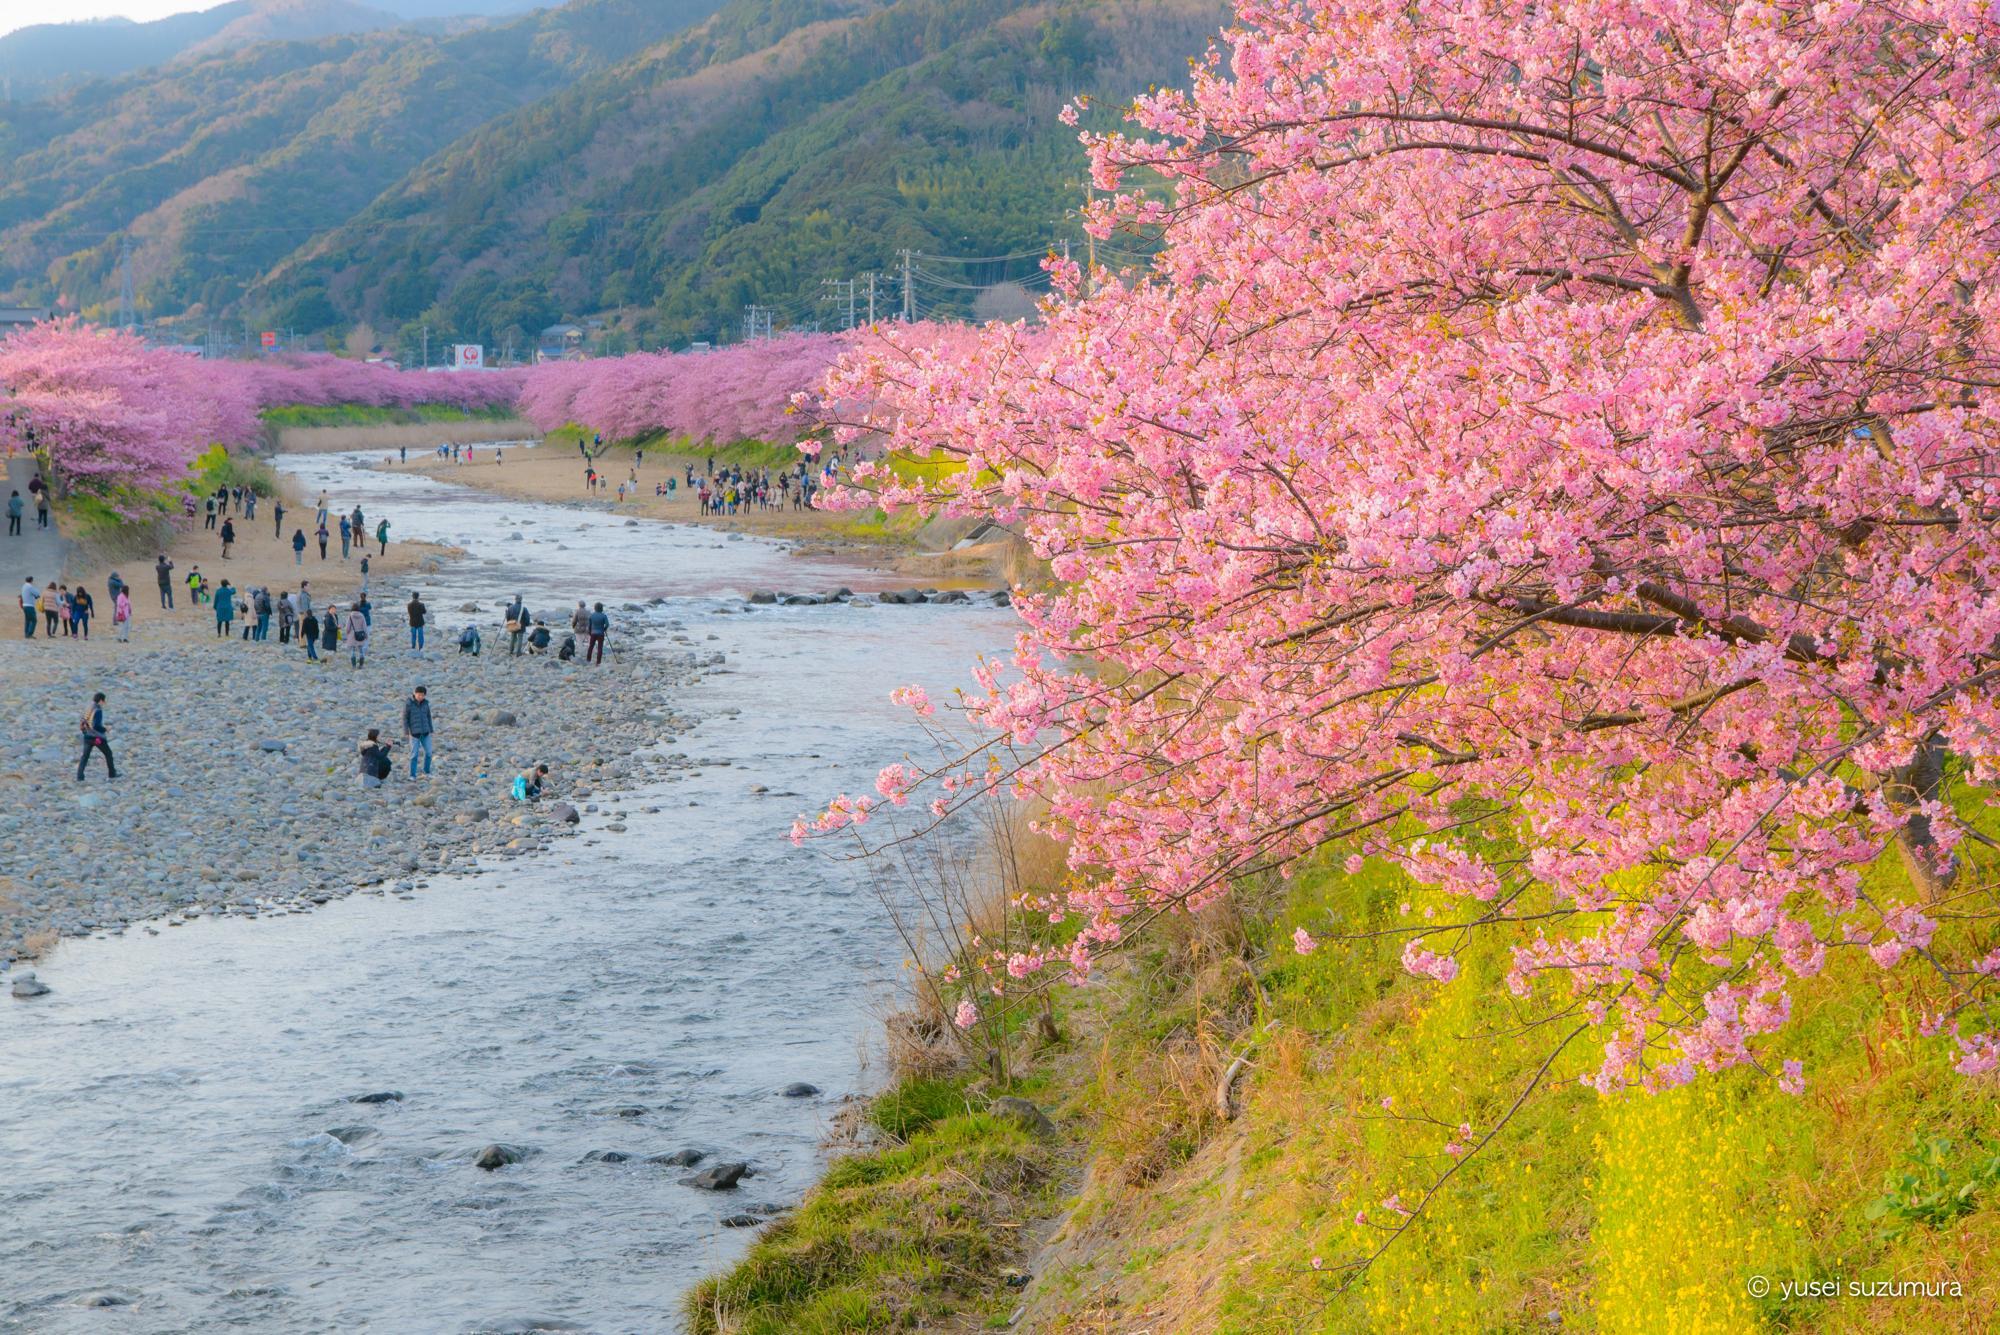 一足早いお花見!伊豆の河津桜まつりに行ってきた。